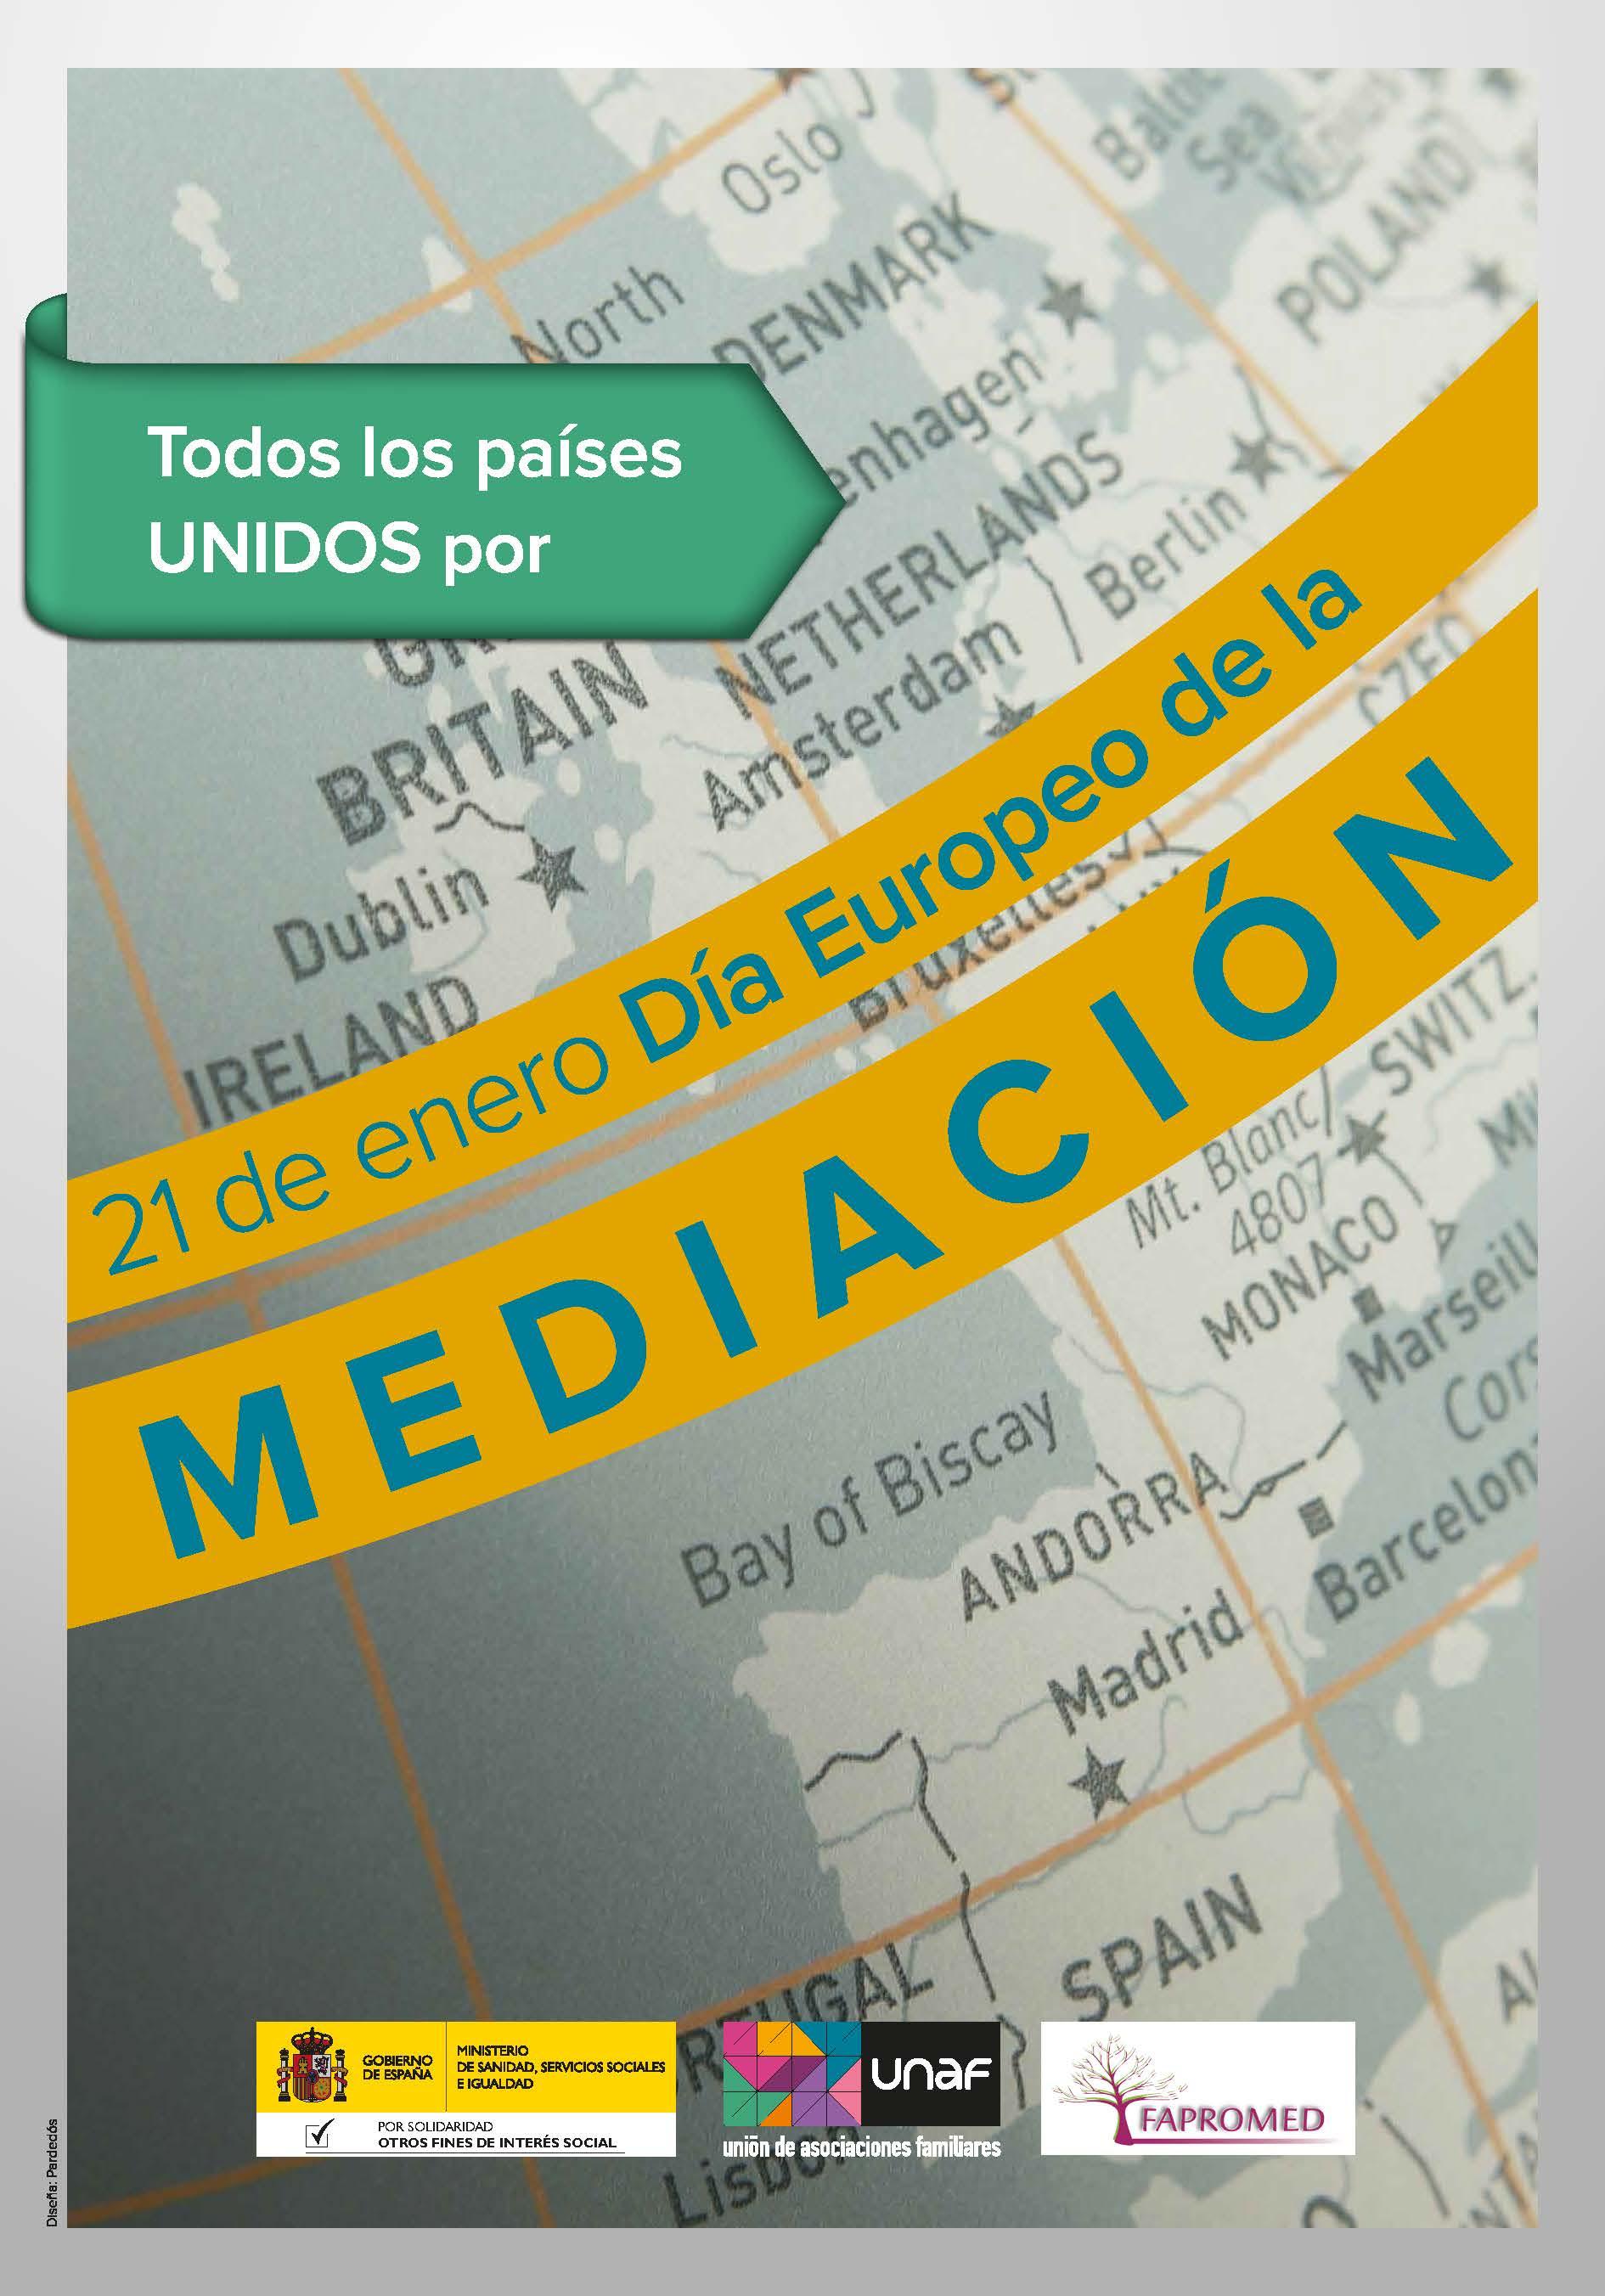 UNAF Y FAPROMED solicitan a la Comisión Europea la declaración del Día Europeo de la Mediación